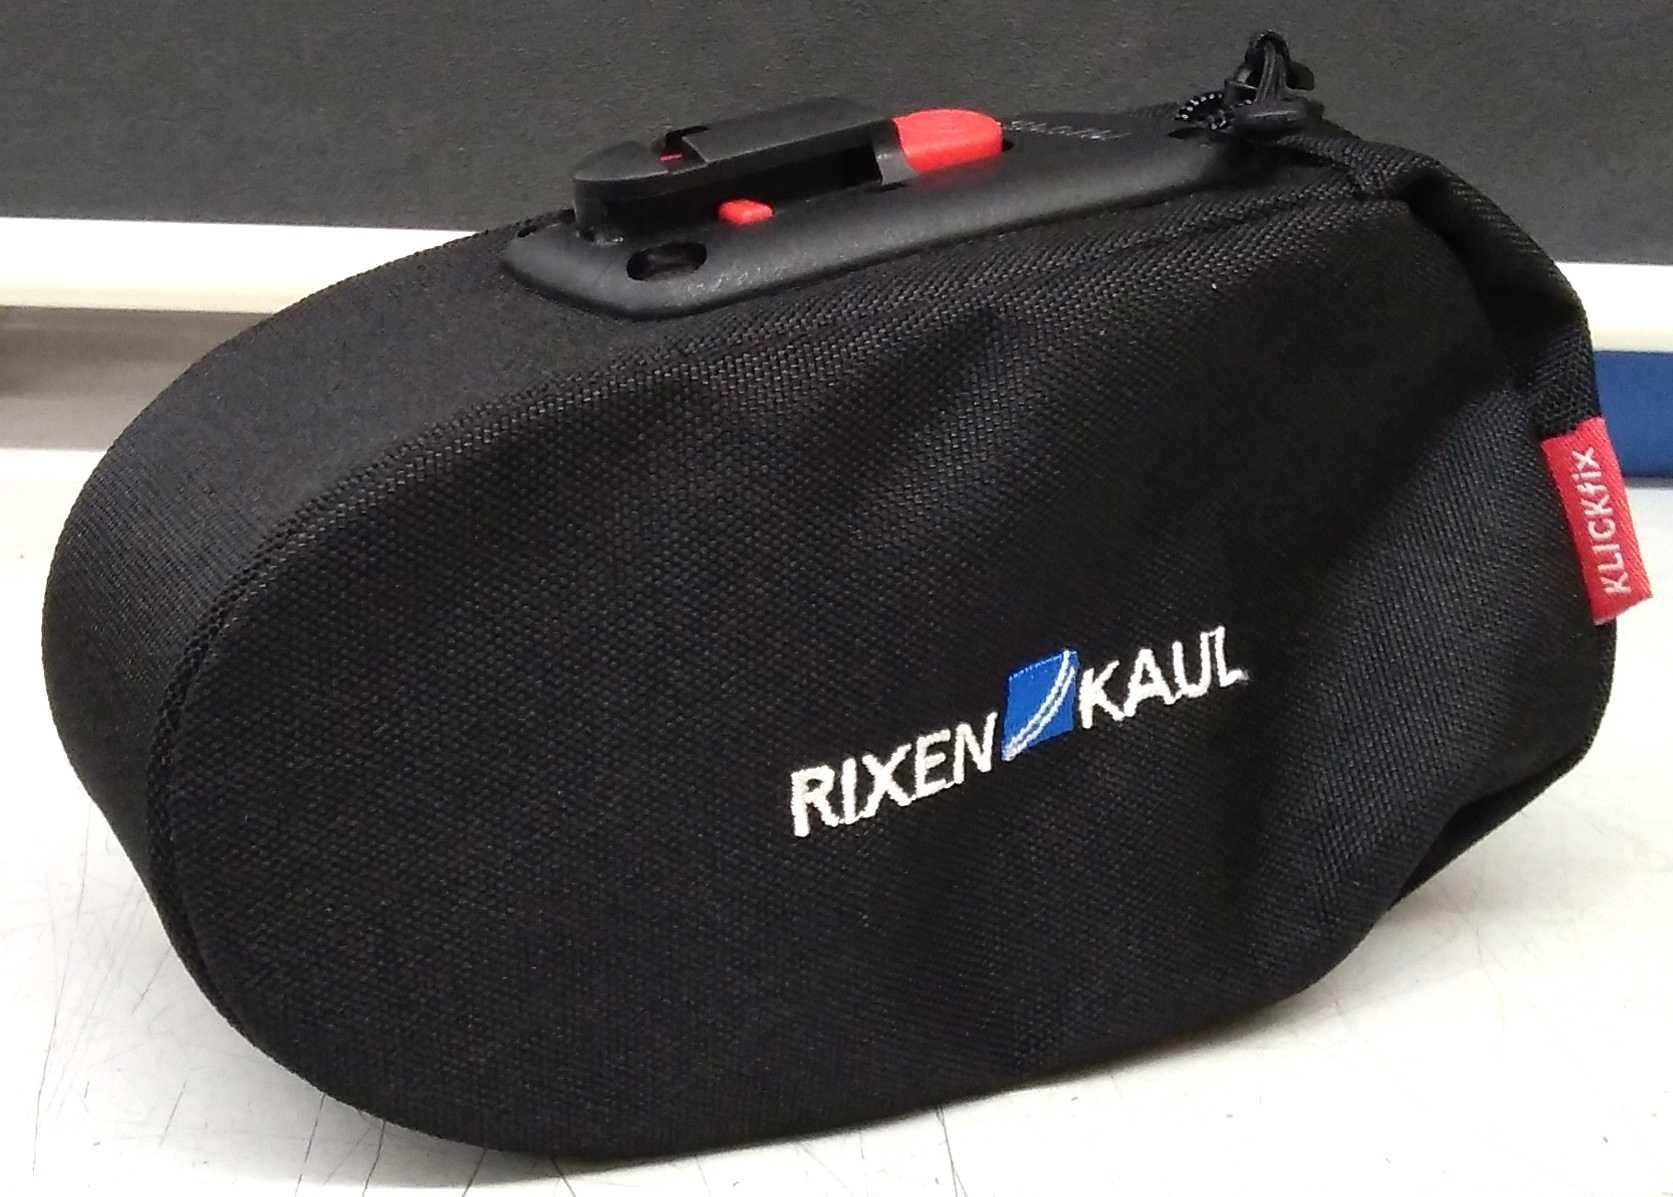 サイクルバッグ|RIXEN&KAUL